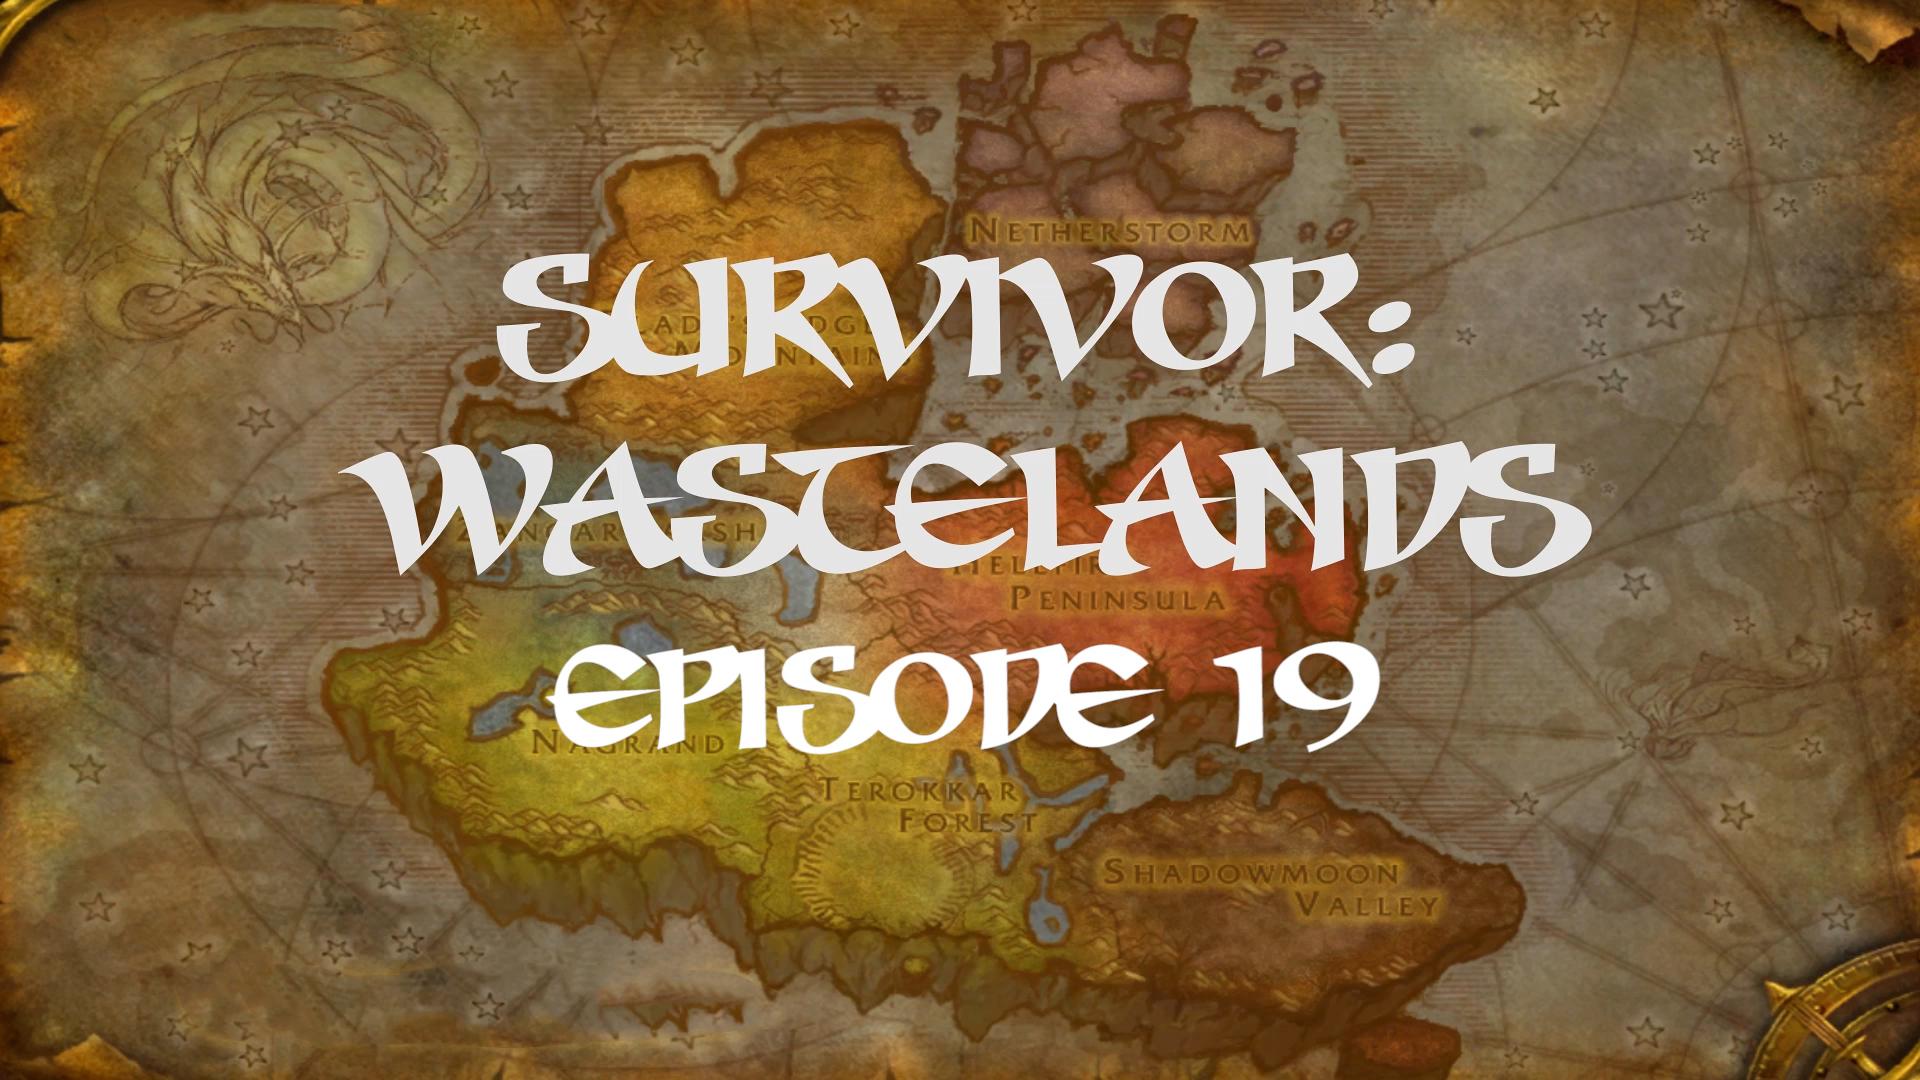 Survivor Wastelands Episode 19.jpg